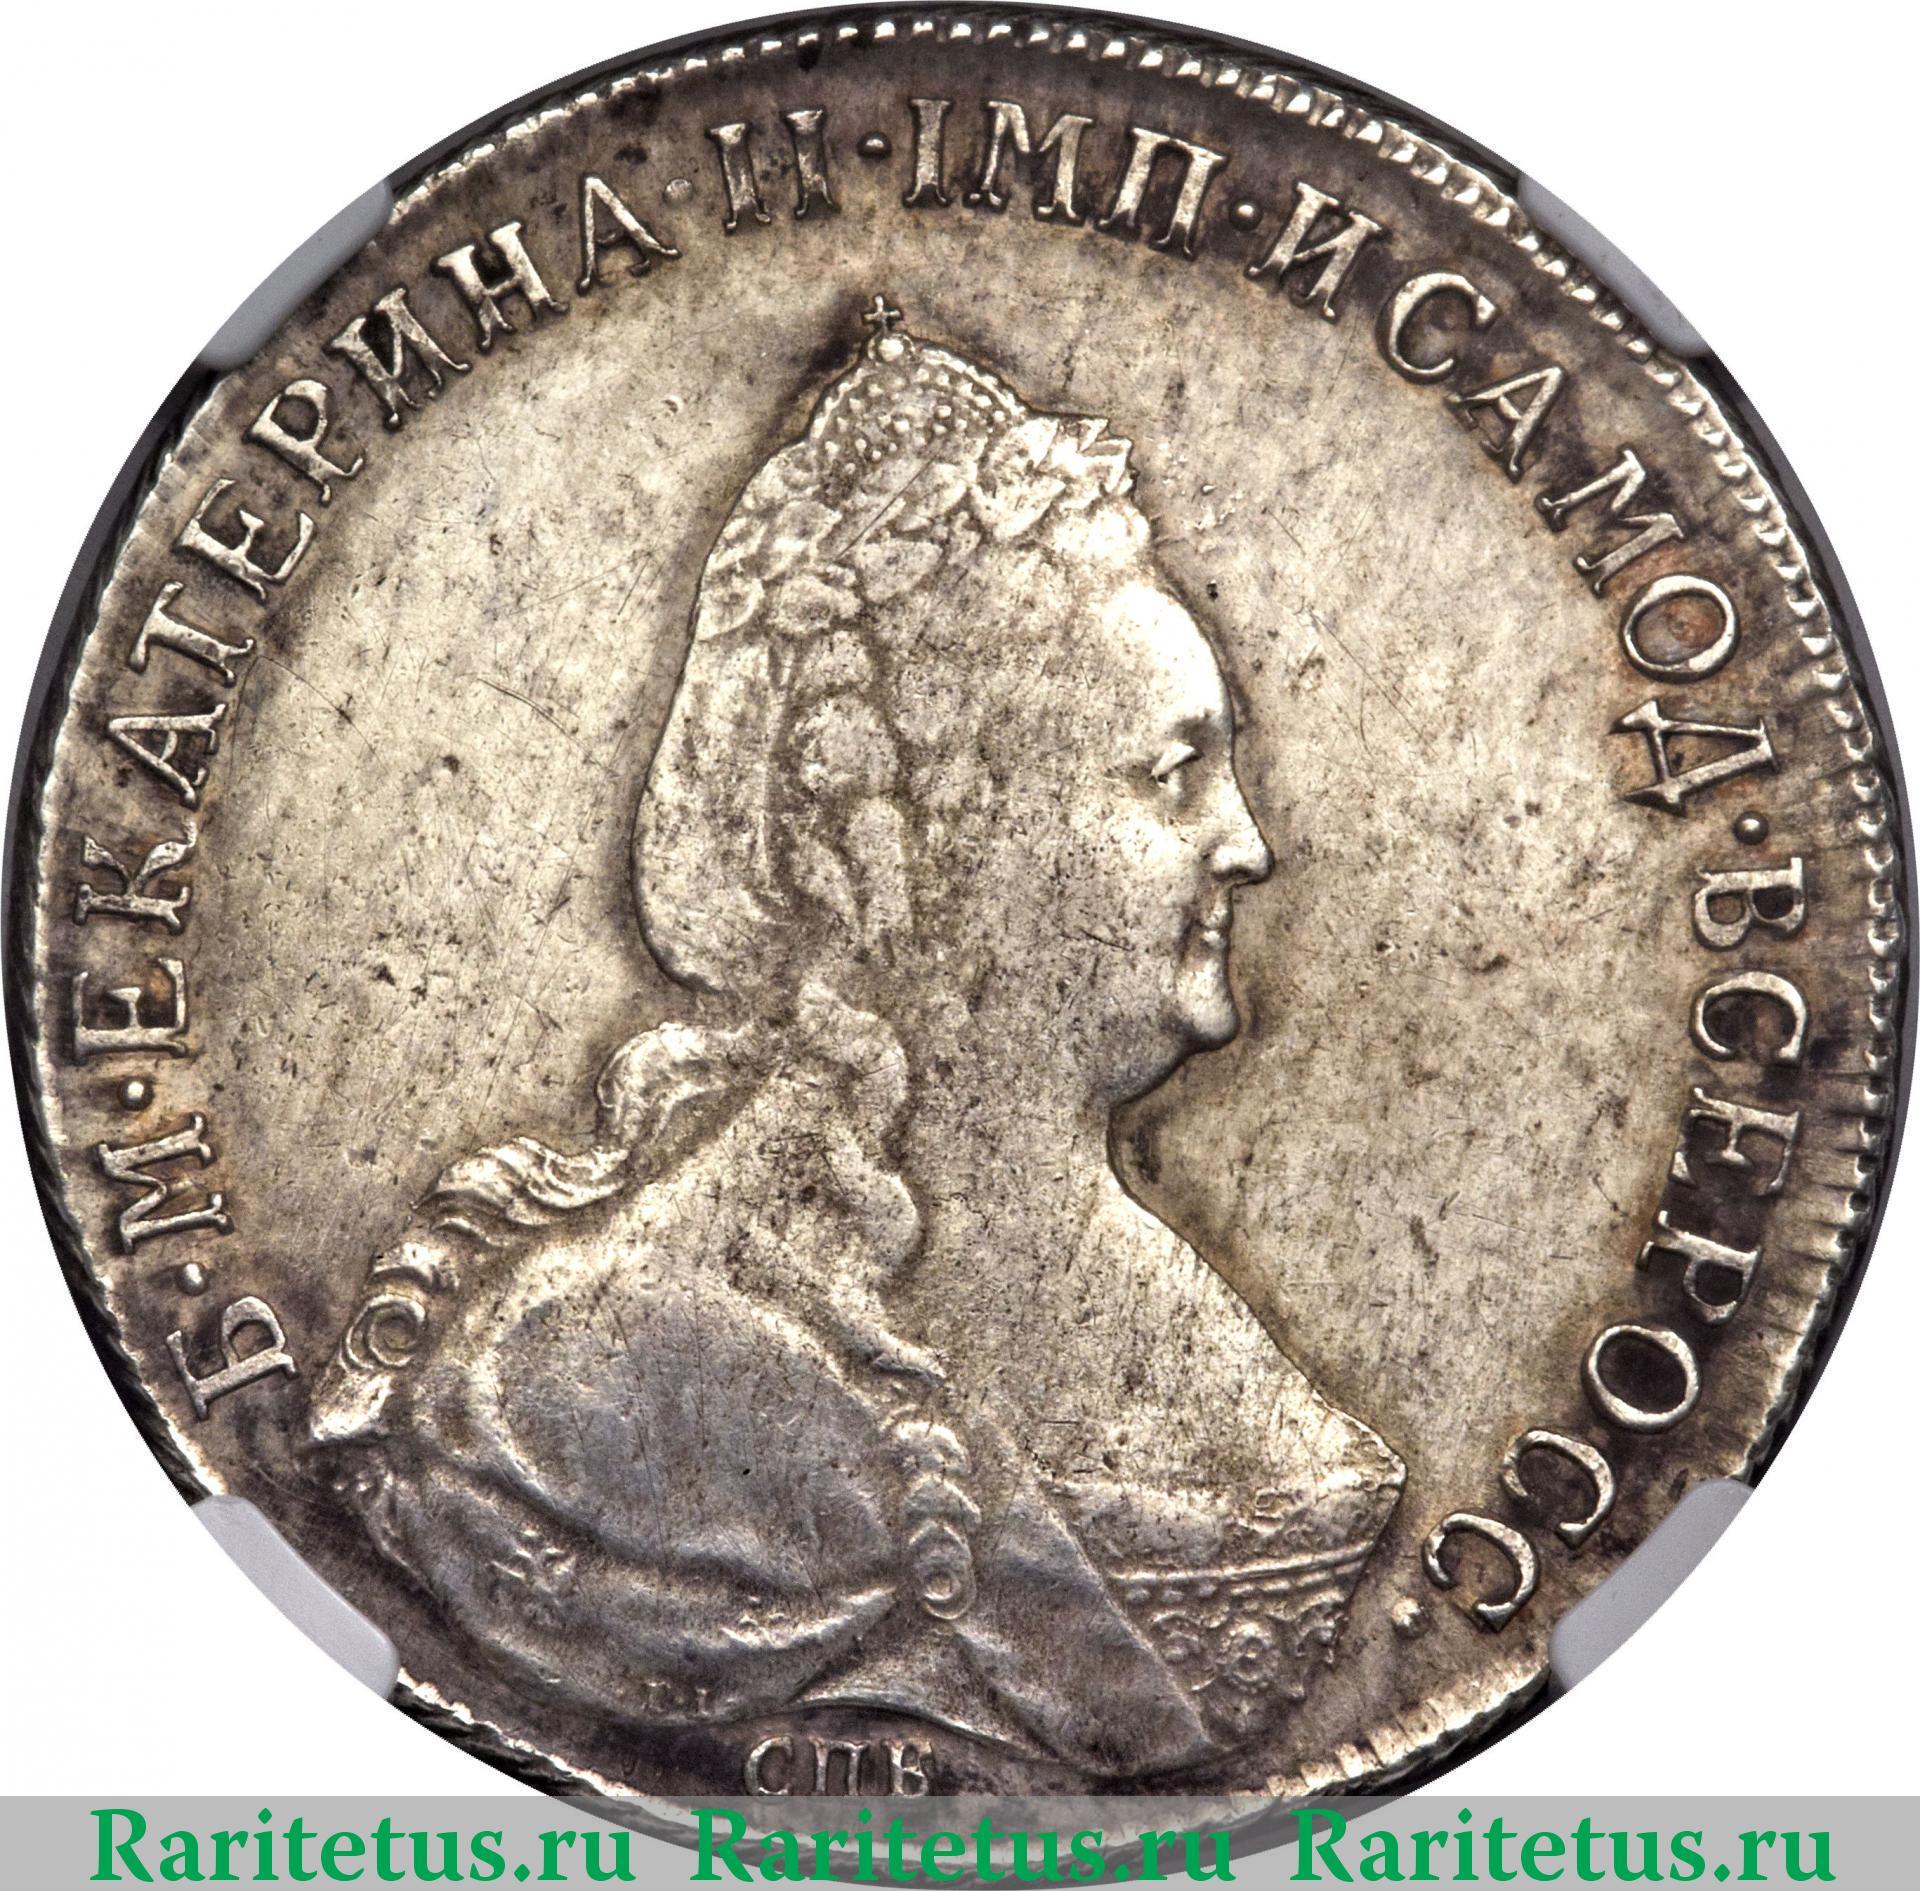 Монета 1795 изготовление памятных монет